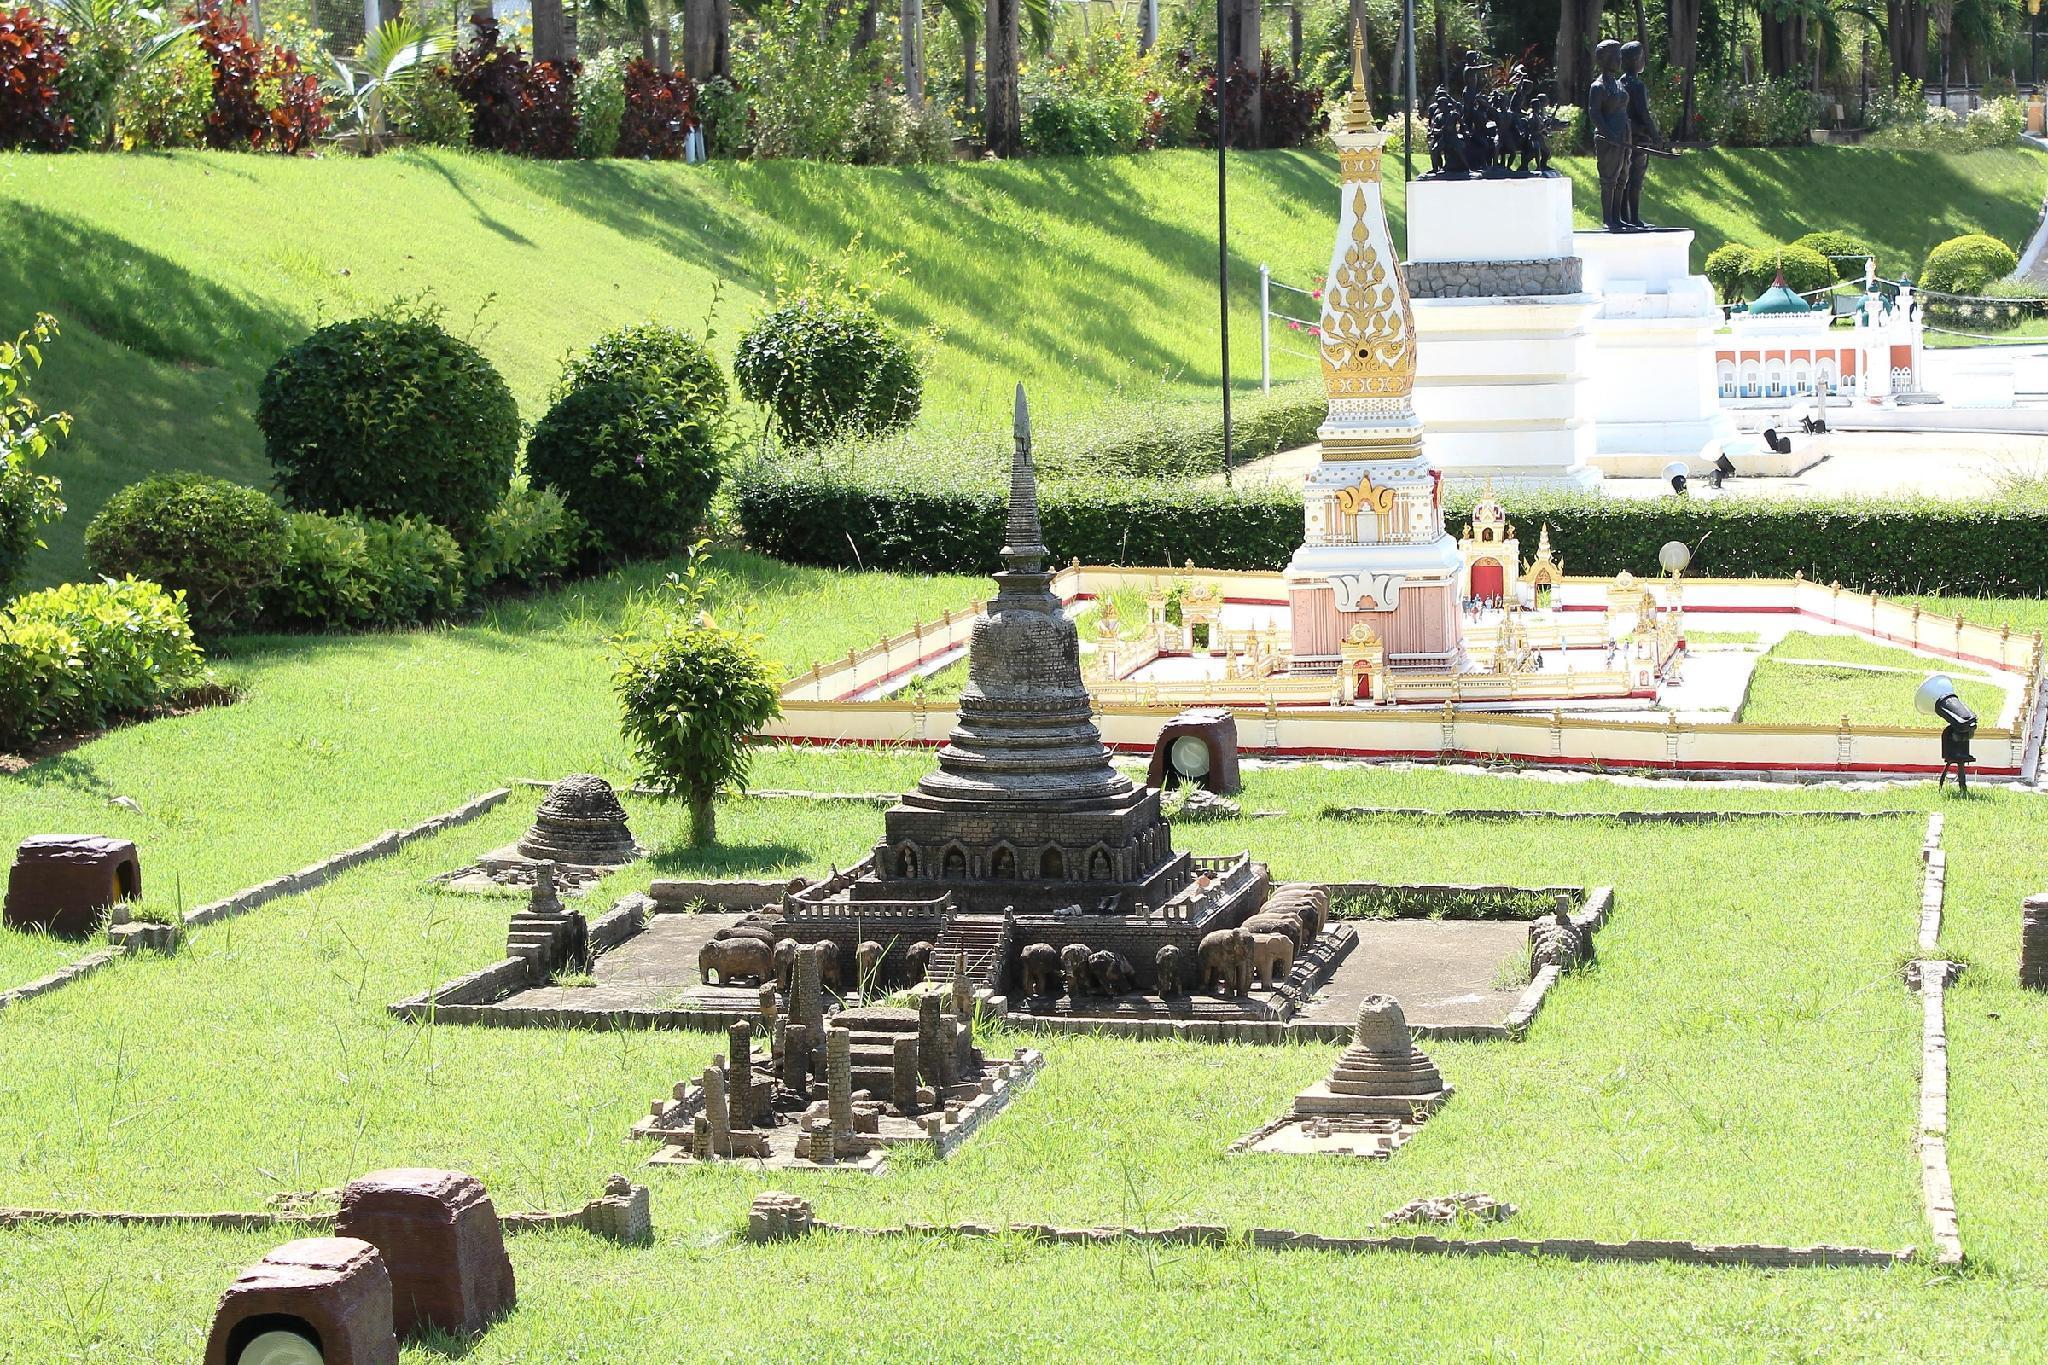 Brentwood Manor, Bang Lamung